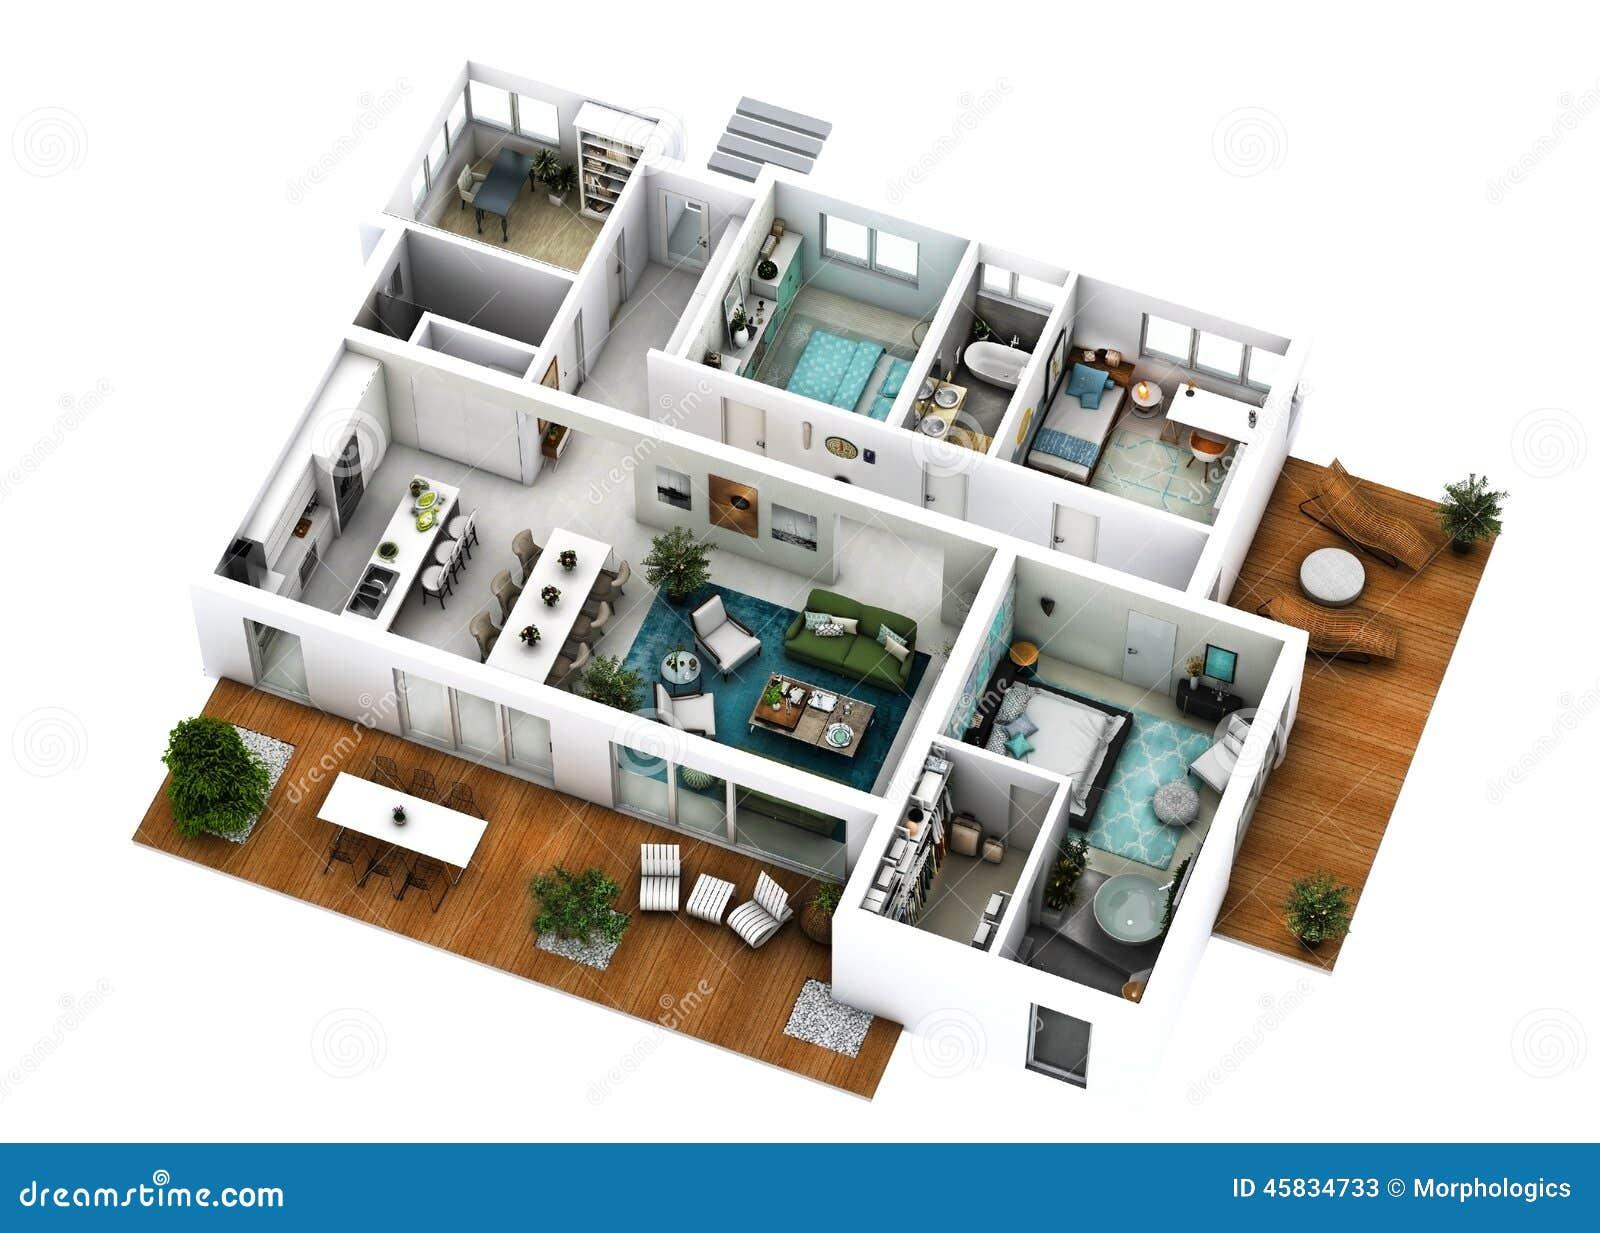 Grundriss villa 3d  Plan Des Fußbodens 3D Stockfoto - Bild: 45834733